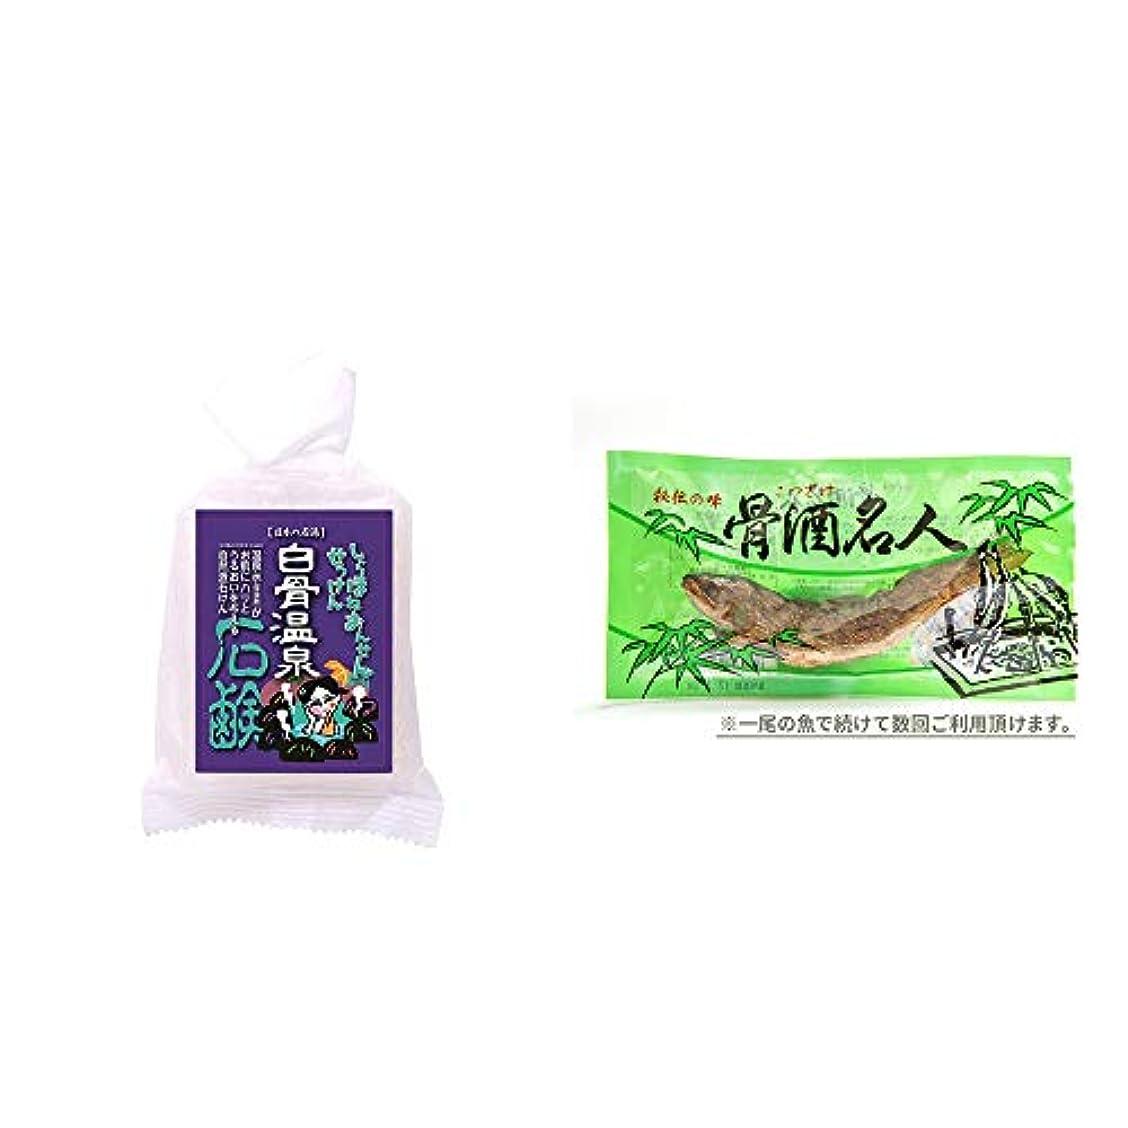 不器用温かい乞食[2点セット] 信州 白骨温泉石鹸(80g)?骨酒名人(一尾)